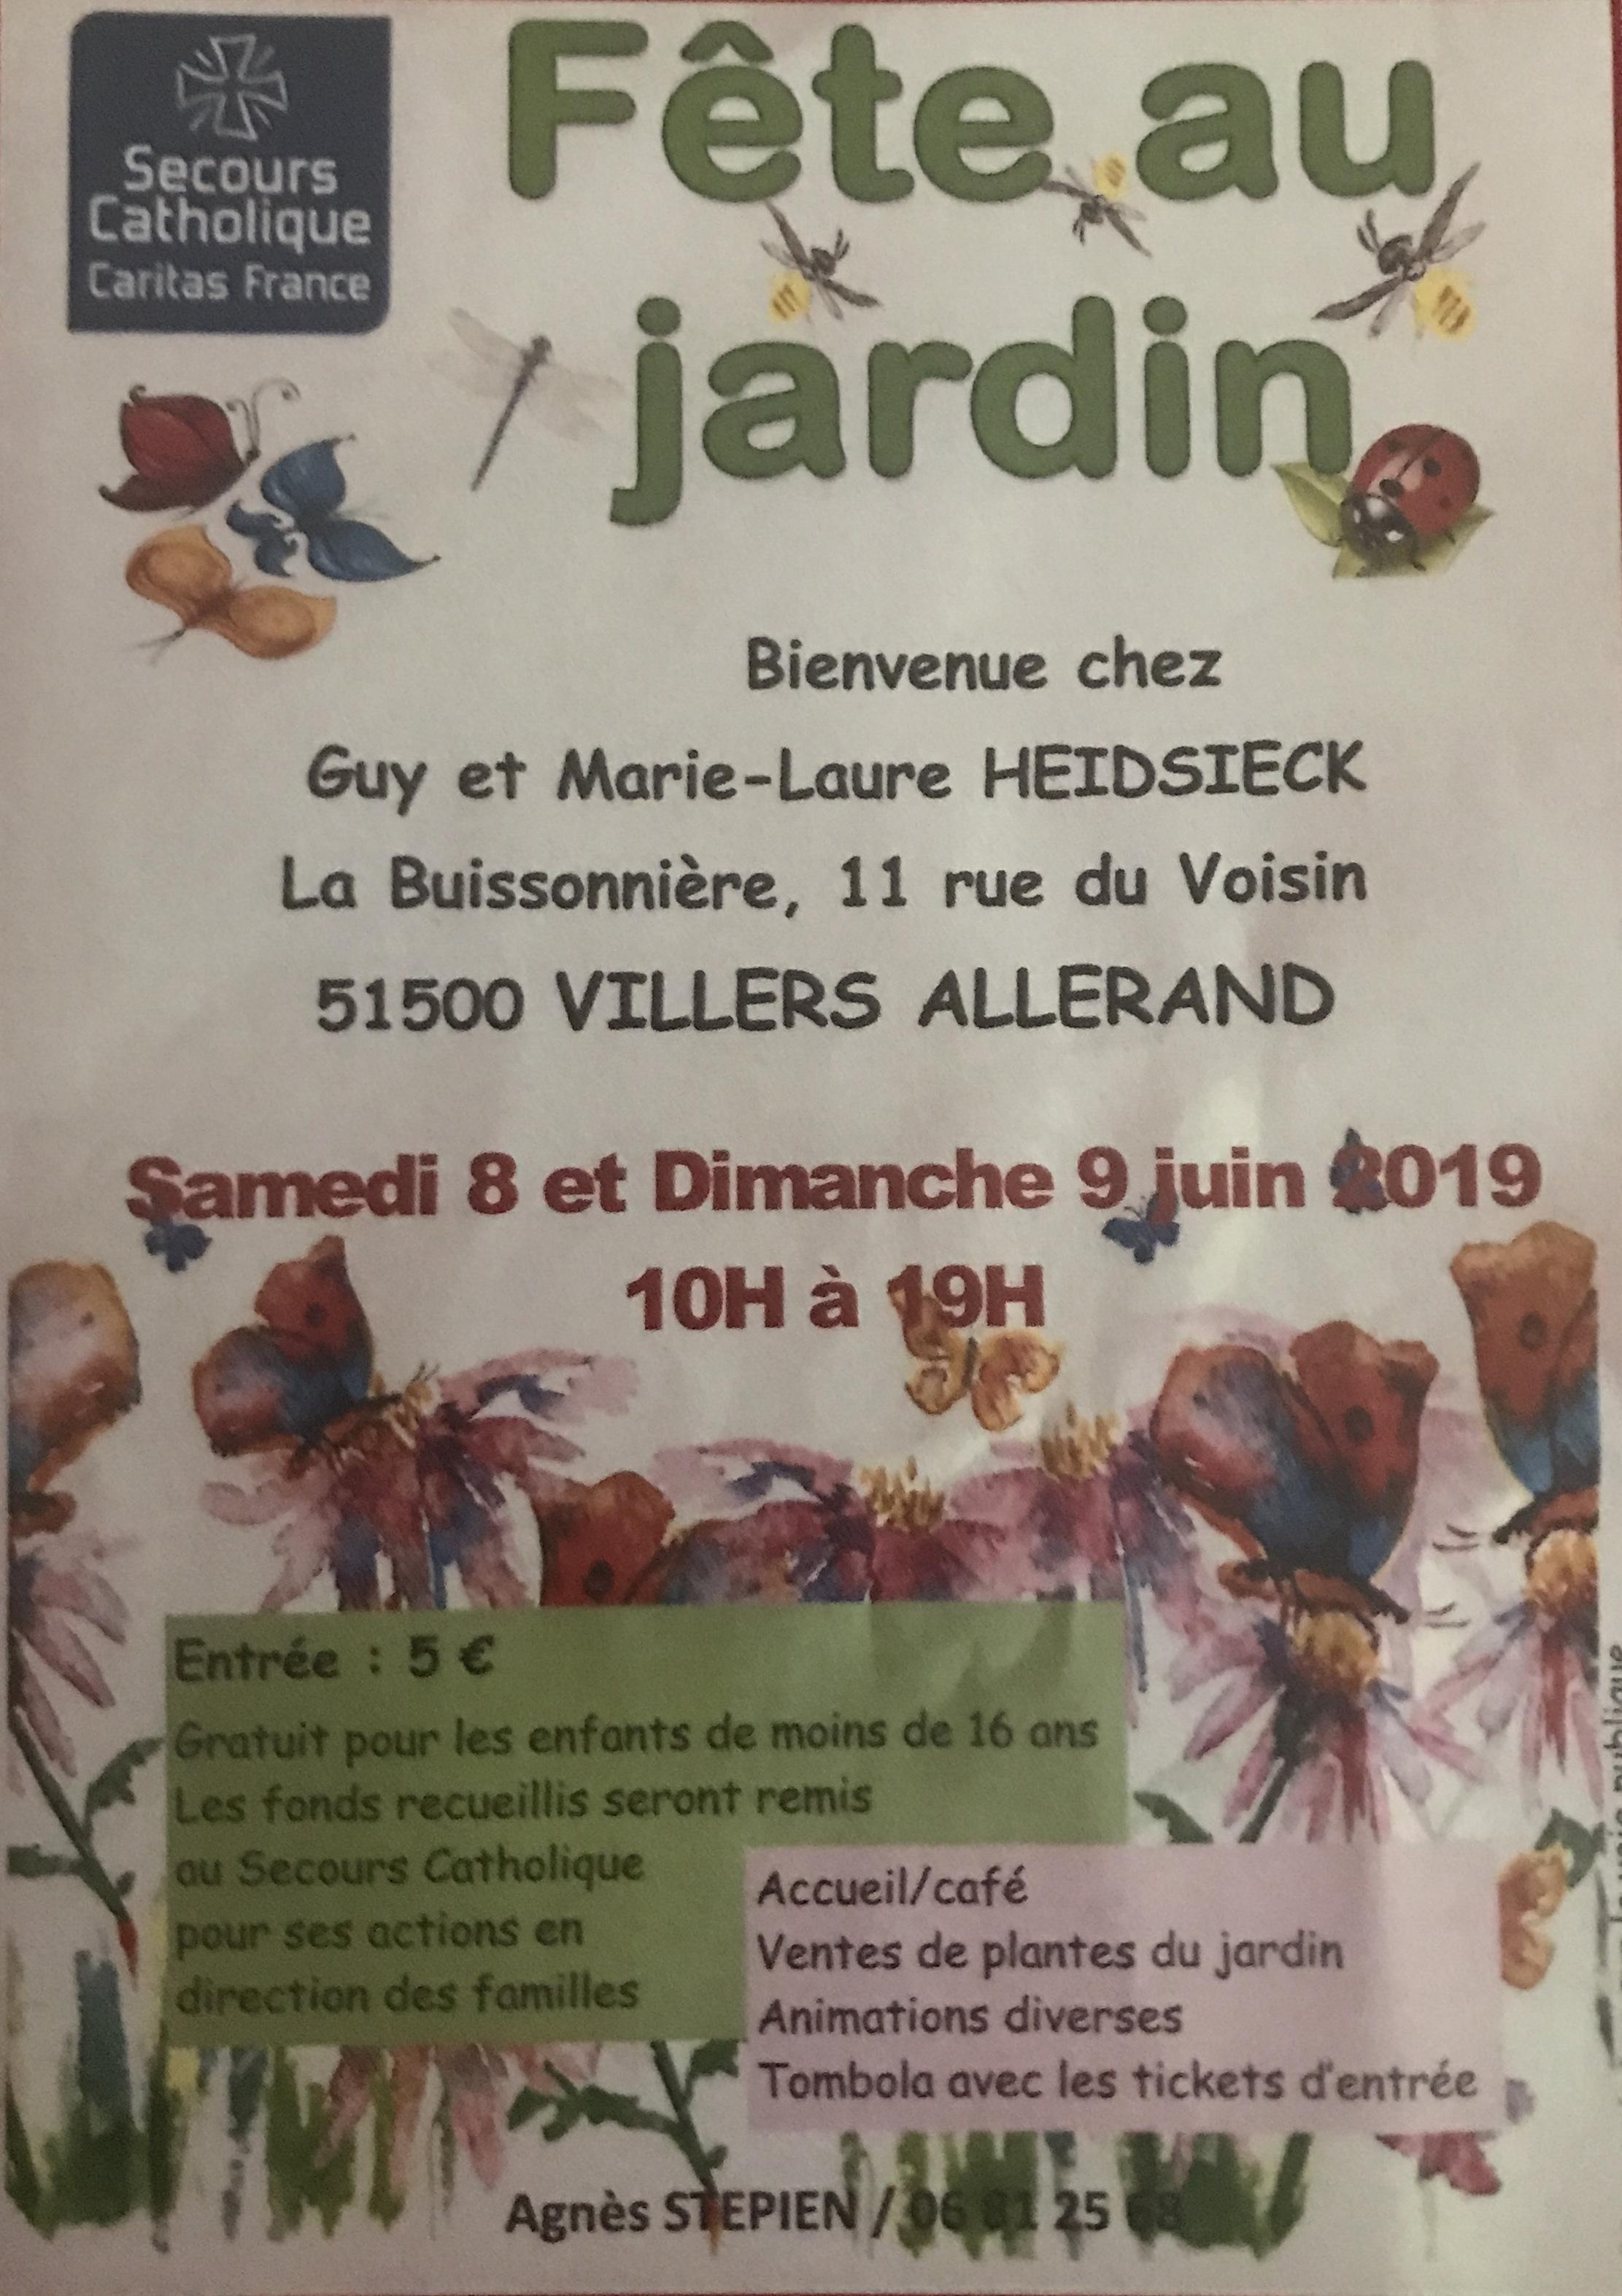 Fête au Jardin @ La Buissonière   Villers-Allerand   Grand Est   France